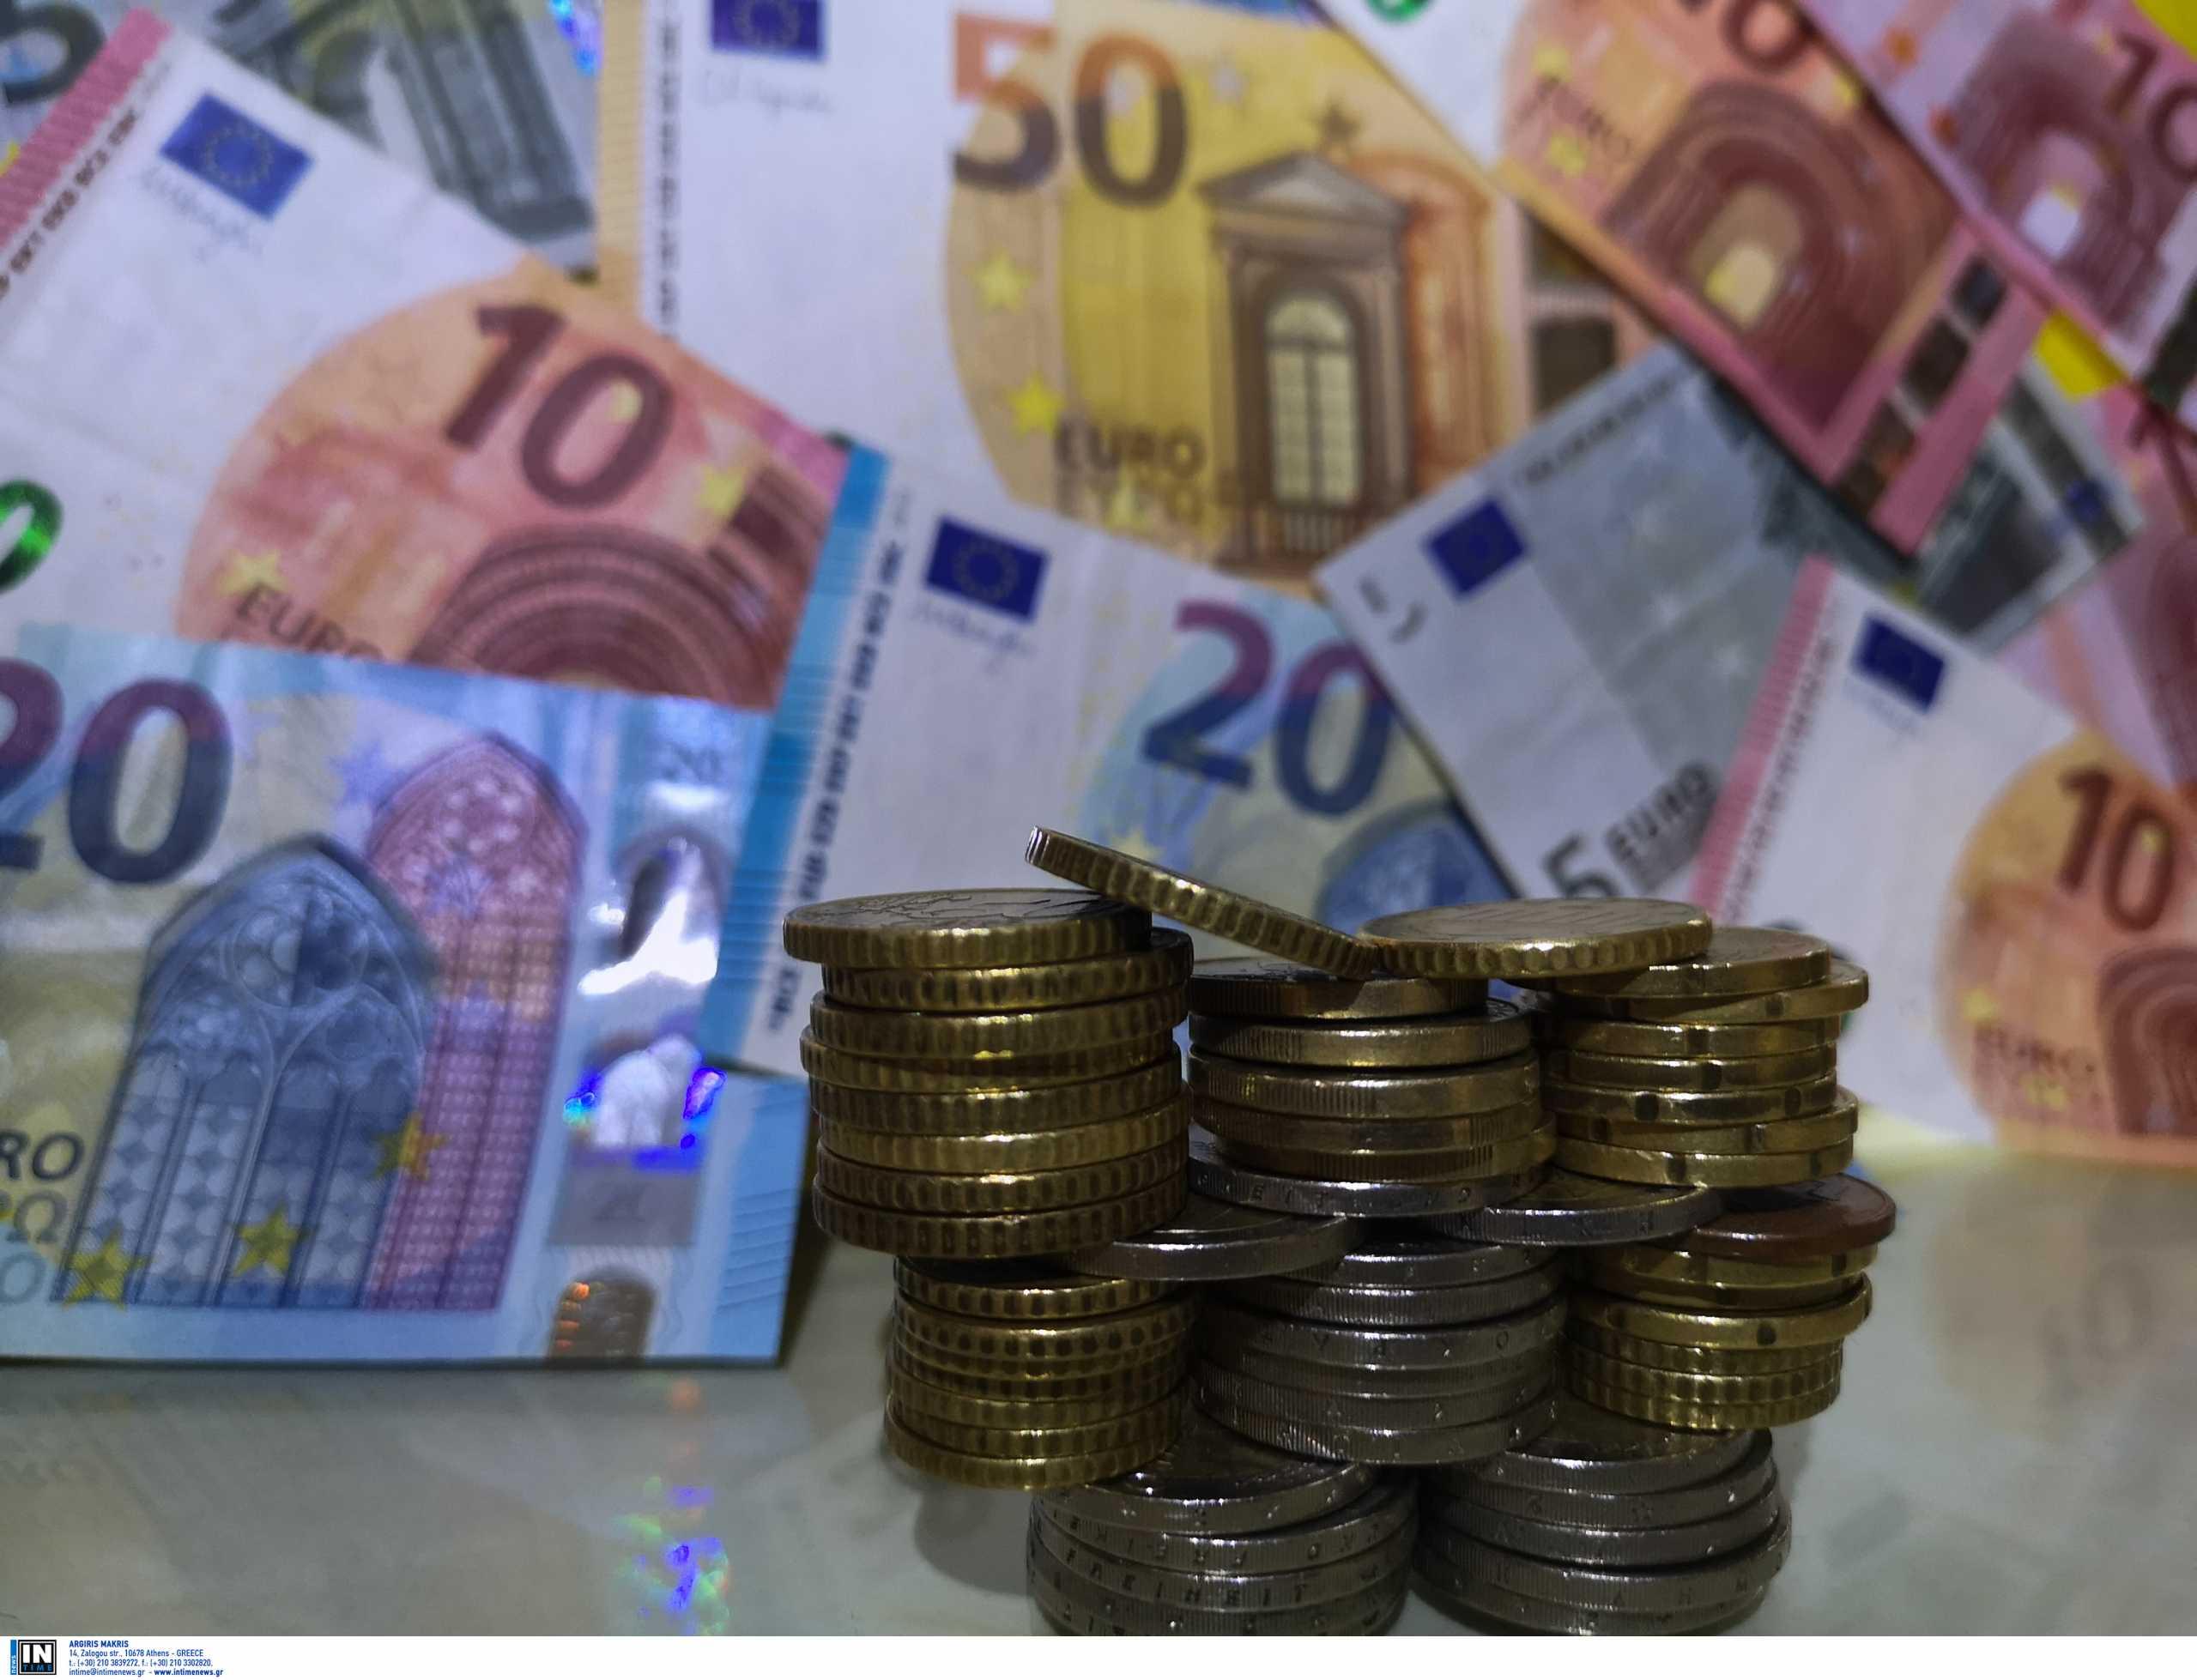 ΔΝΤ: Σε ανάκαμψη η οικονομία παγκοσμίως